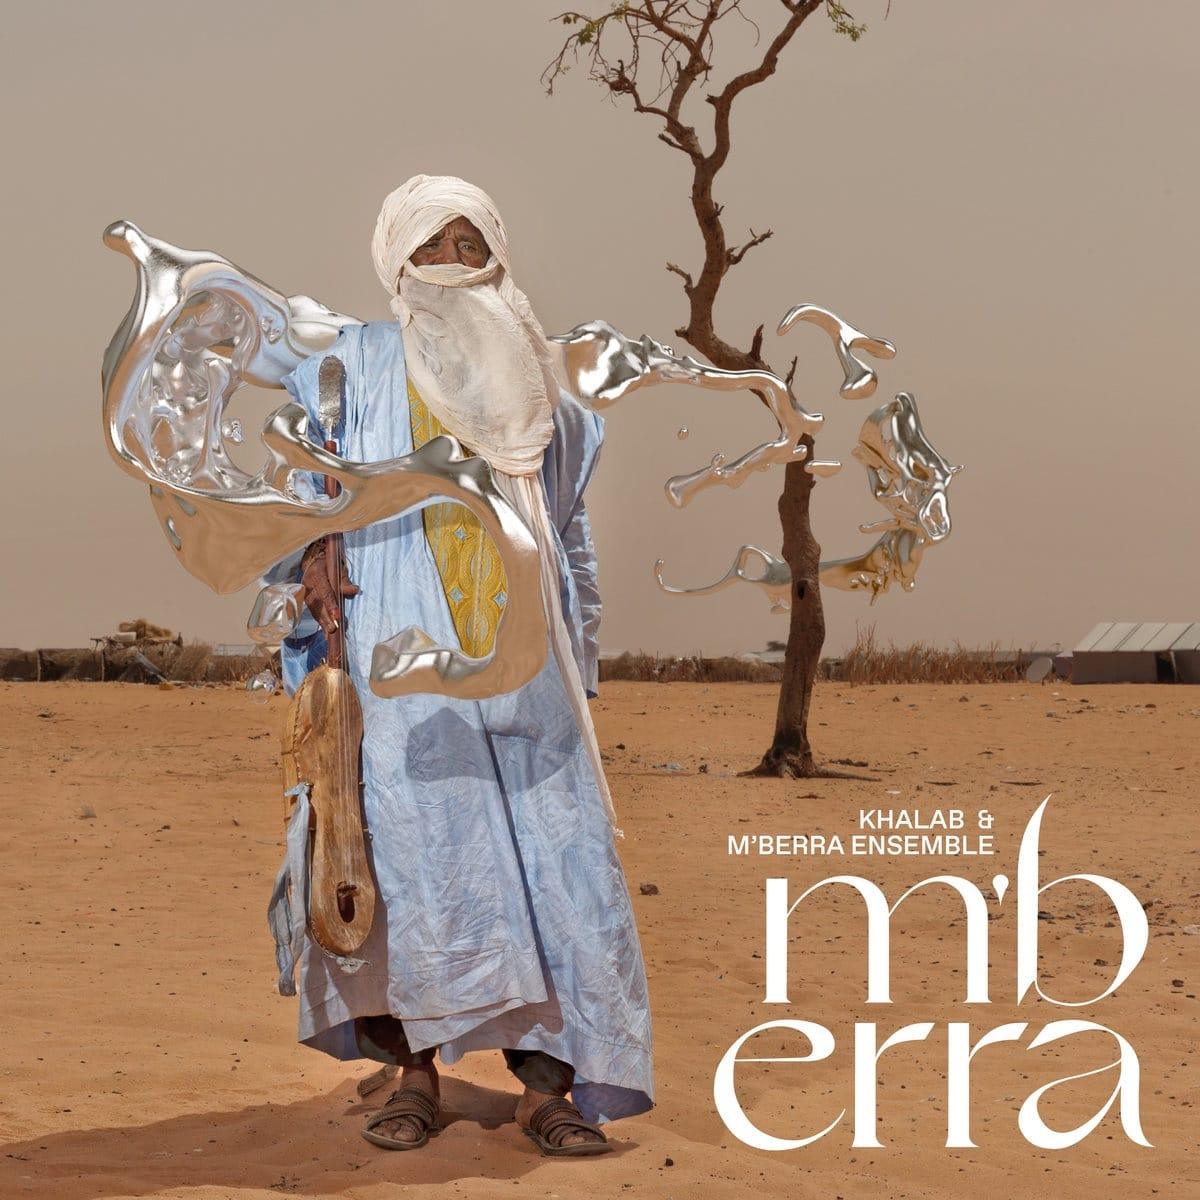 KHALAB & MBERRA ENSEMBLE - MBERRA